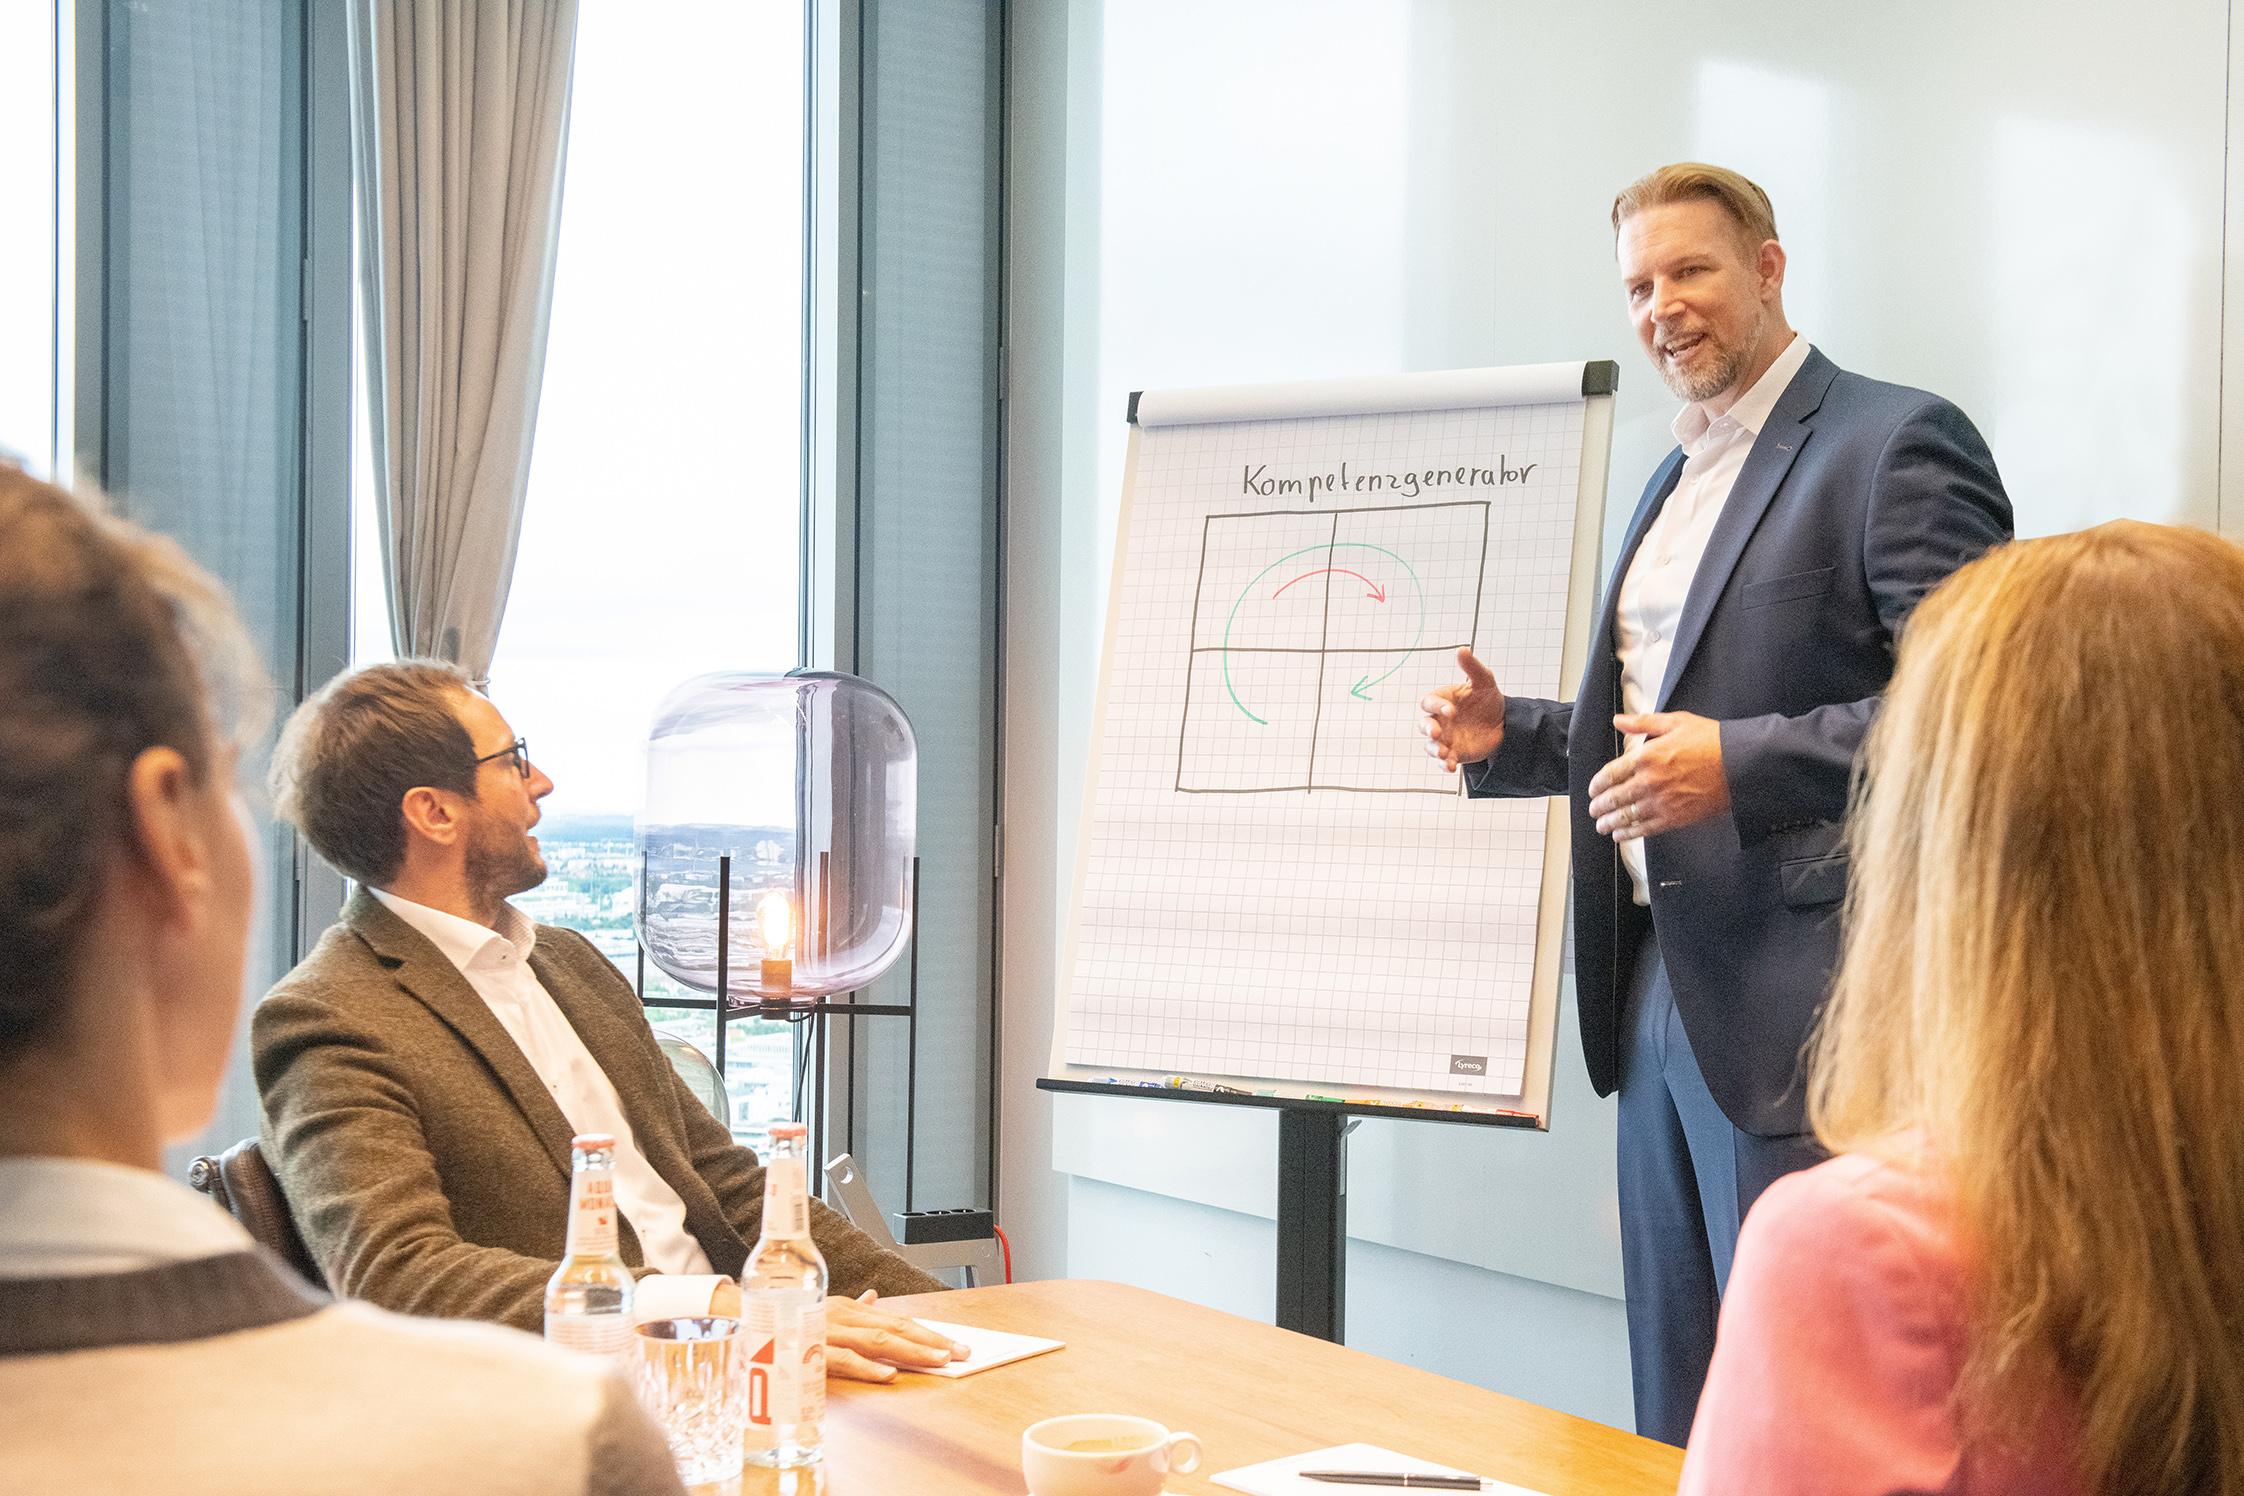 David Spohr Mitarbeiter und Teamführung